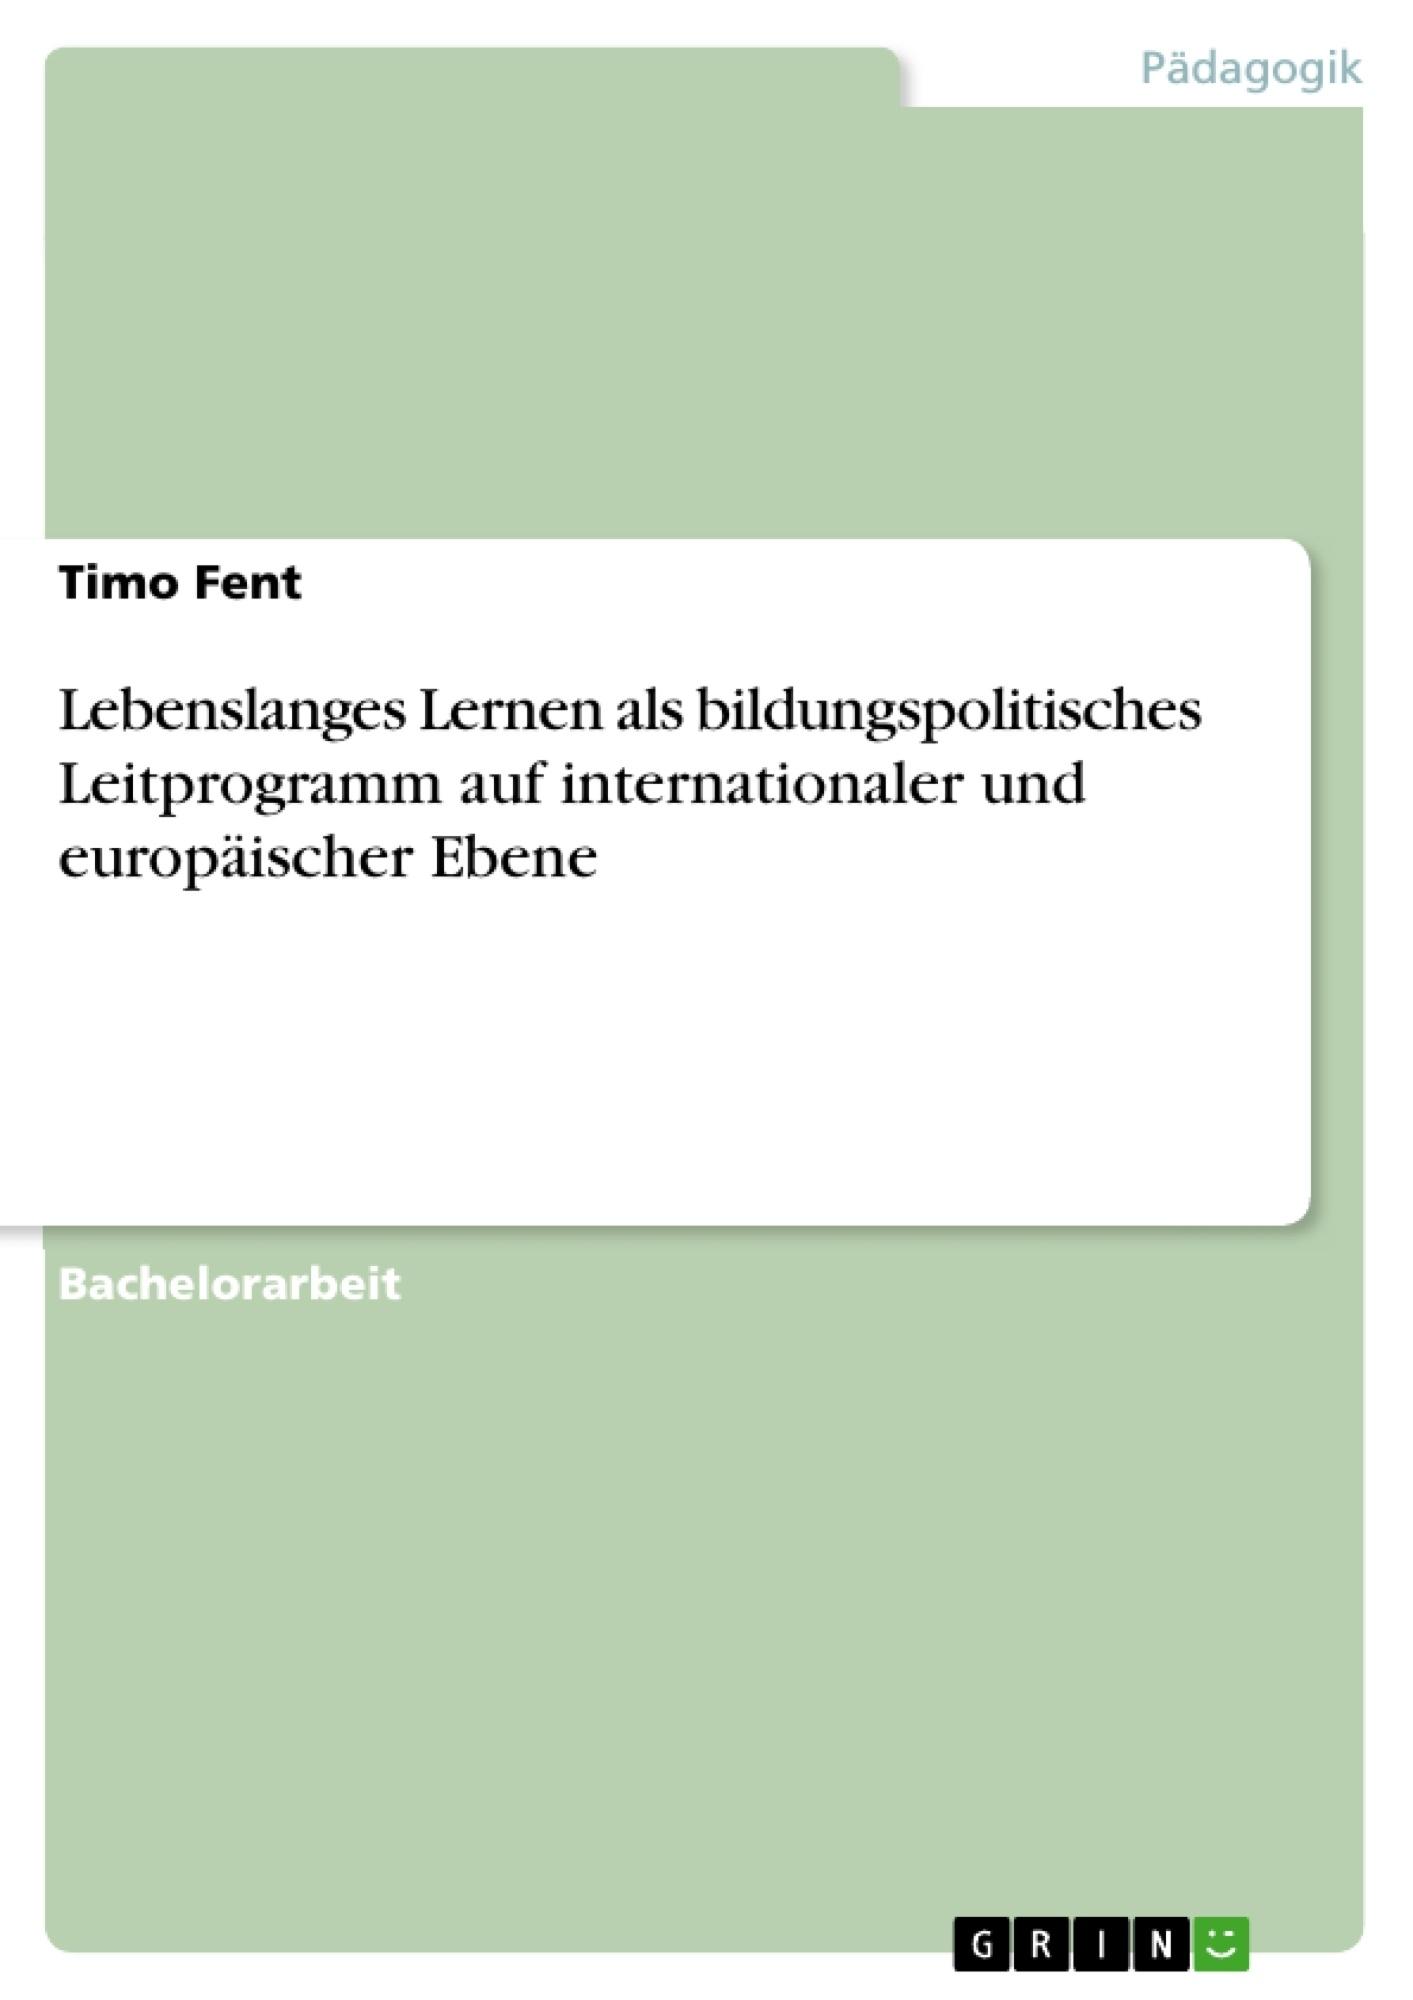 Titel: Lebenslanges Lernen als bildungspolitisches Leitprogramm auf internationaler und europäischer Ebene